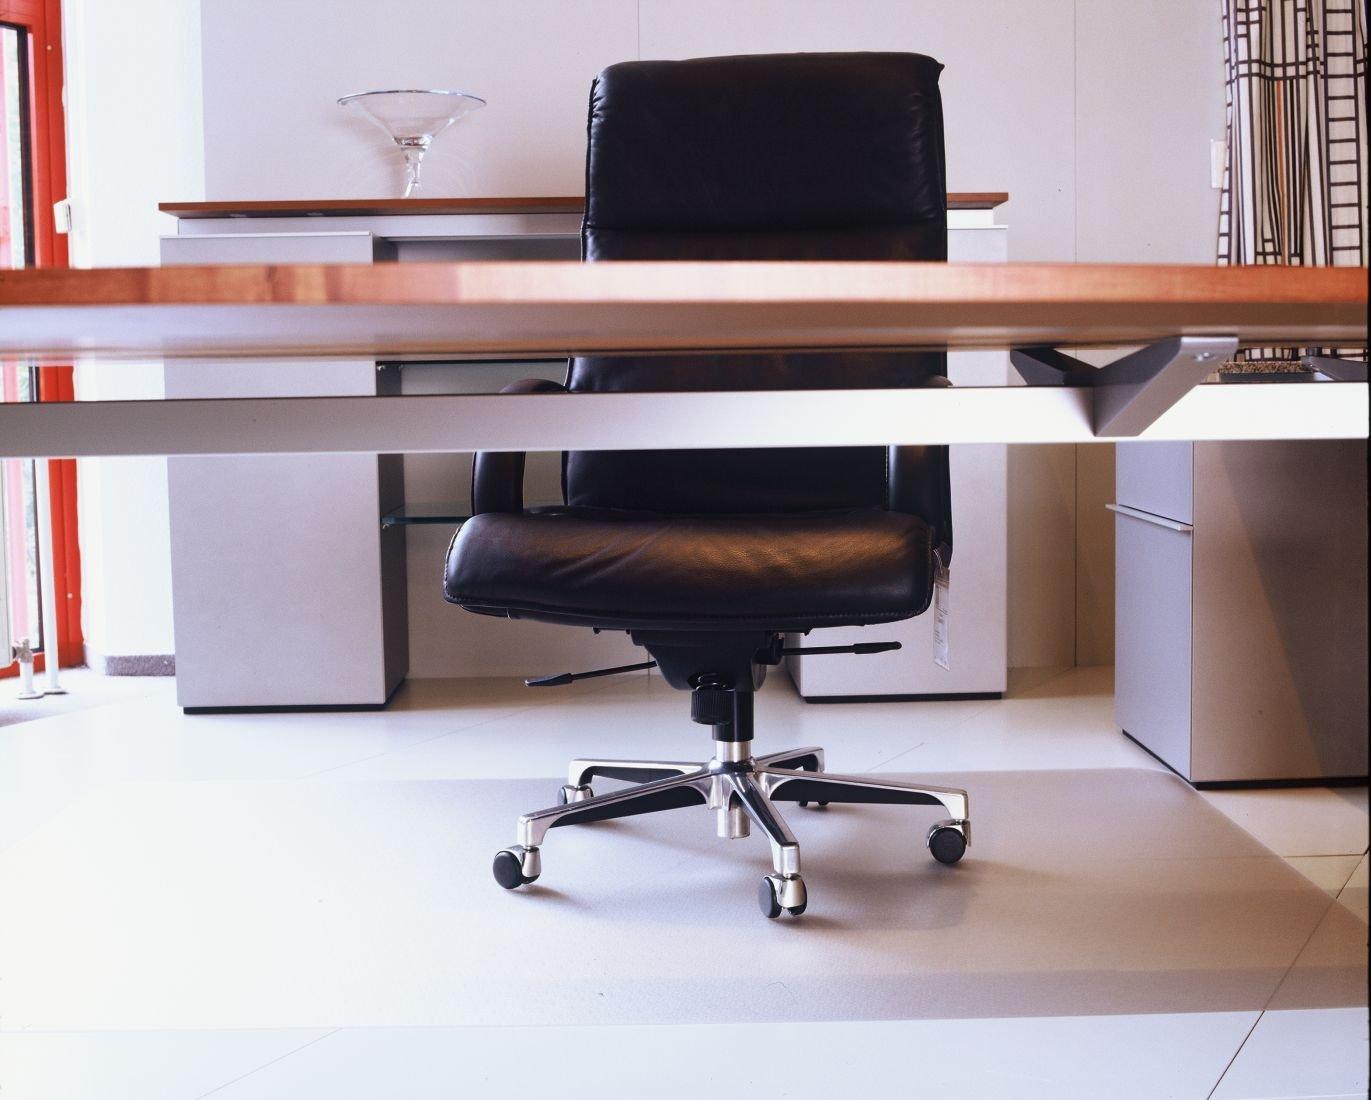 Floordirekt ECO V Bodenschutzmatte  120x300cm  für Hartböden (Parkett, Laminat, etc.)   Kundenbewertung und Beschreibung